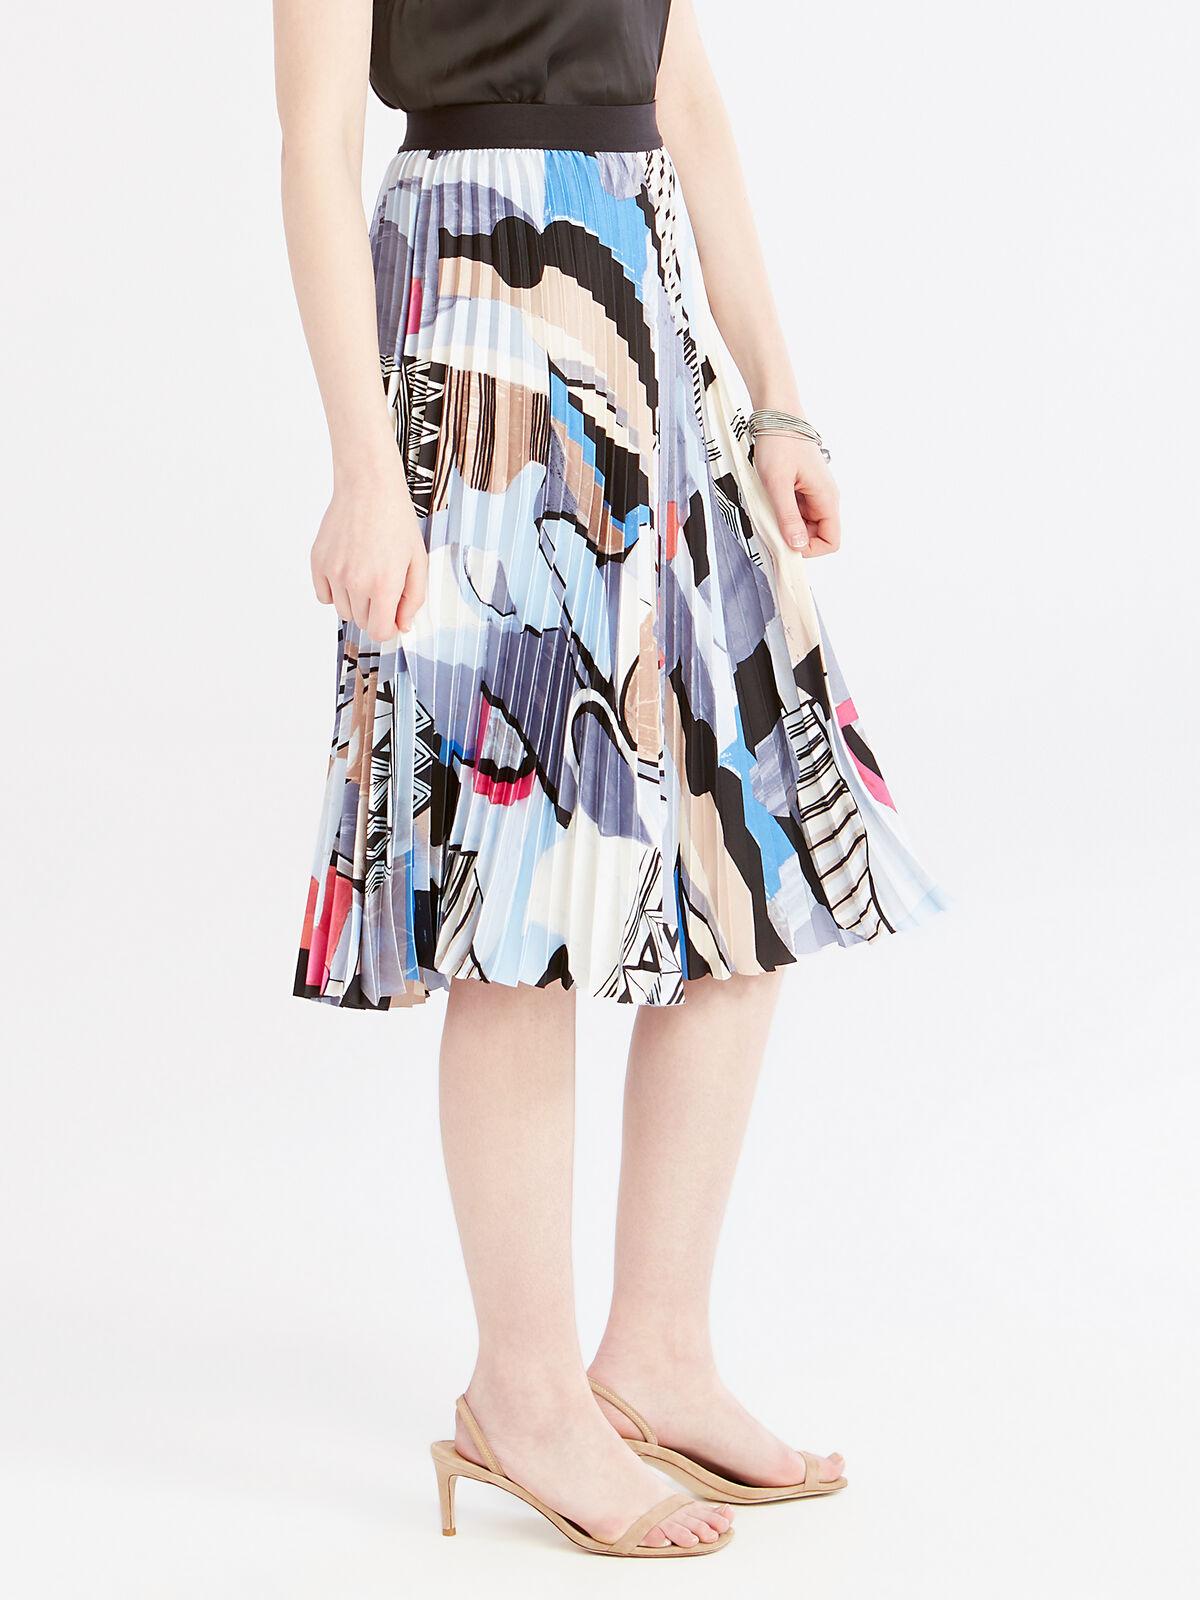 Pottery Skirt